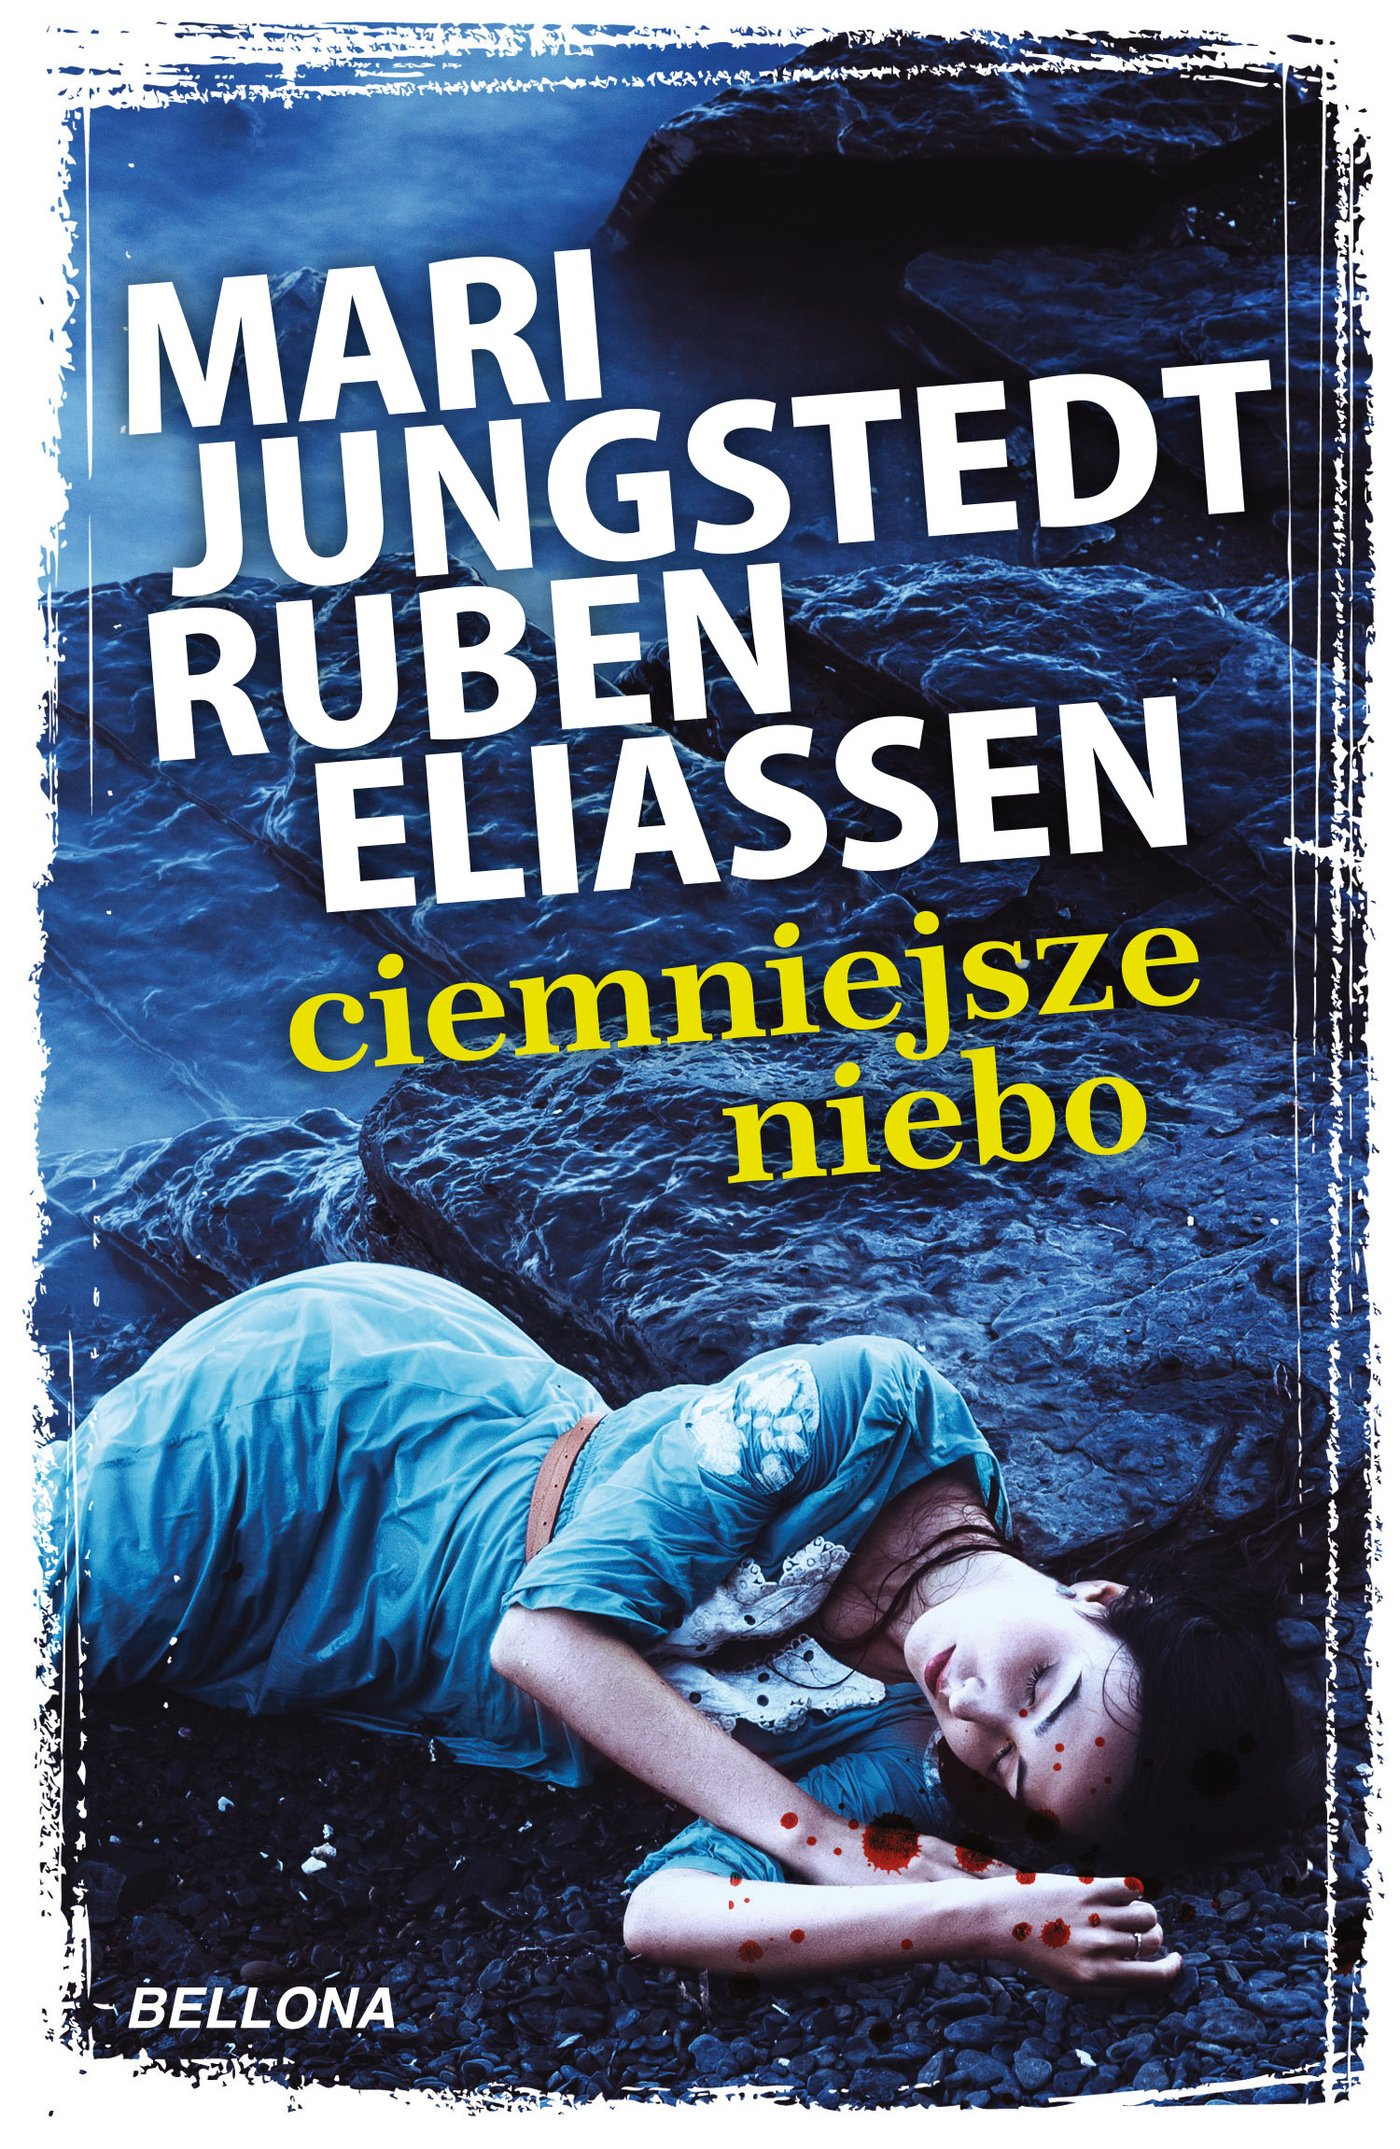 Ciemniejsze niebo - Mari Jungstedt, Ruben Eliassen